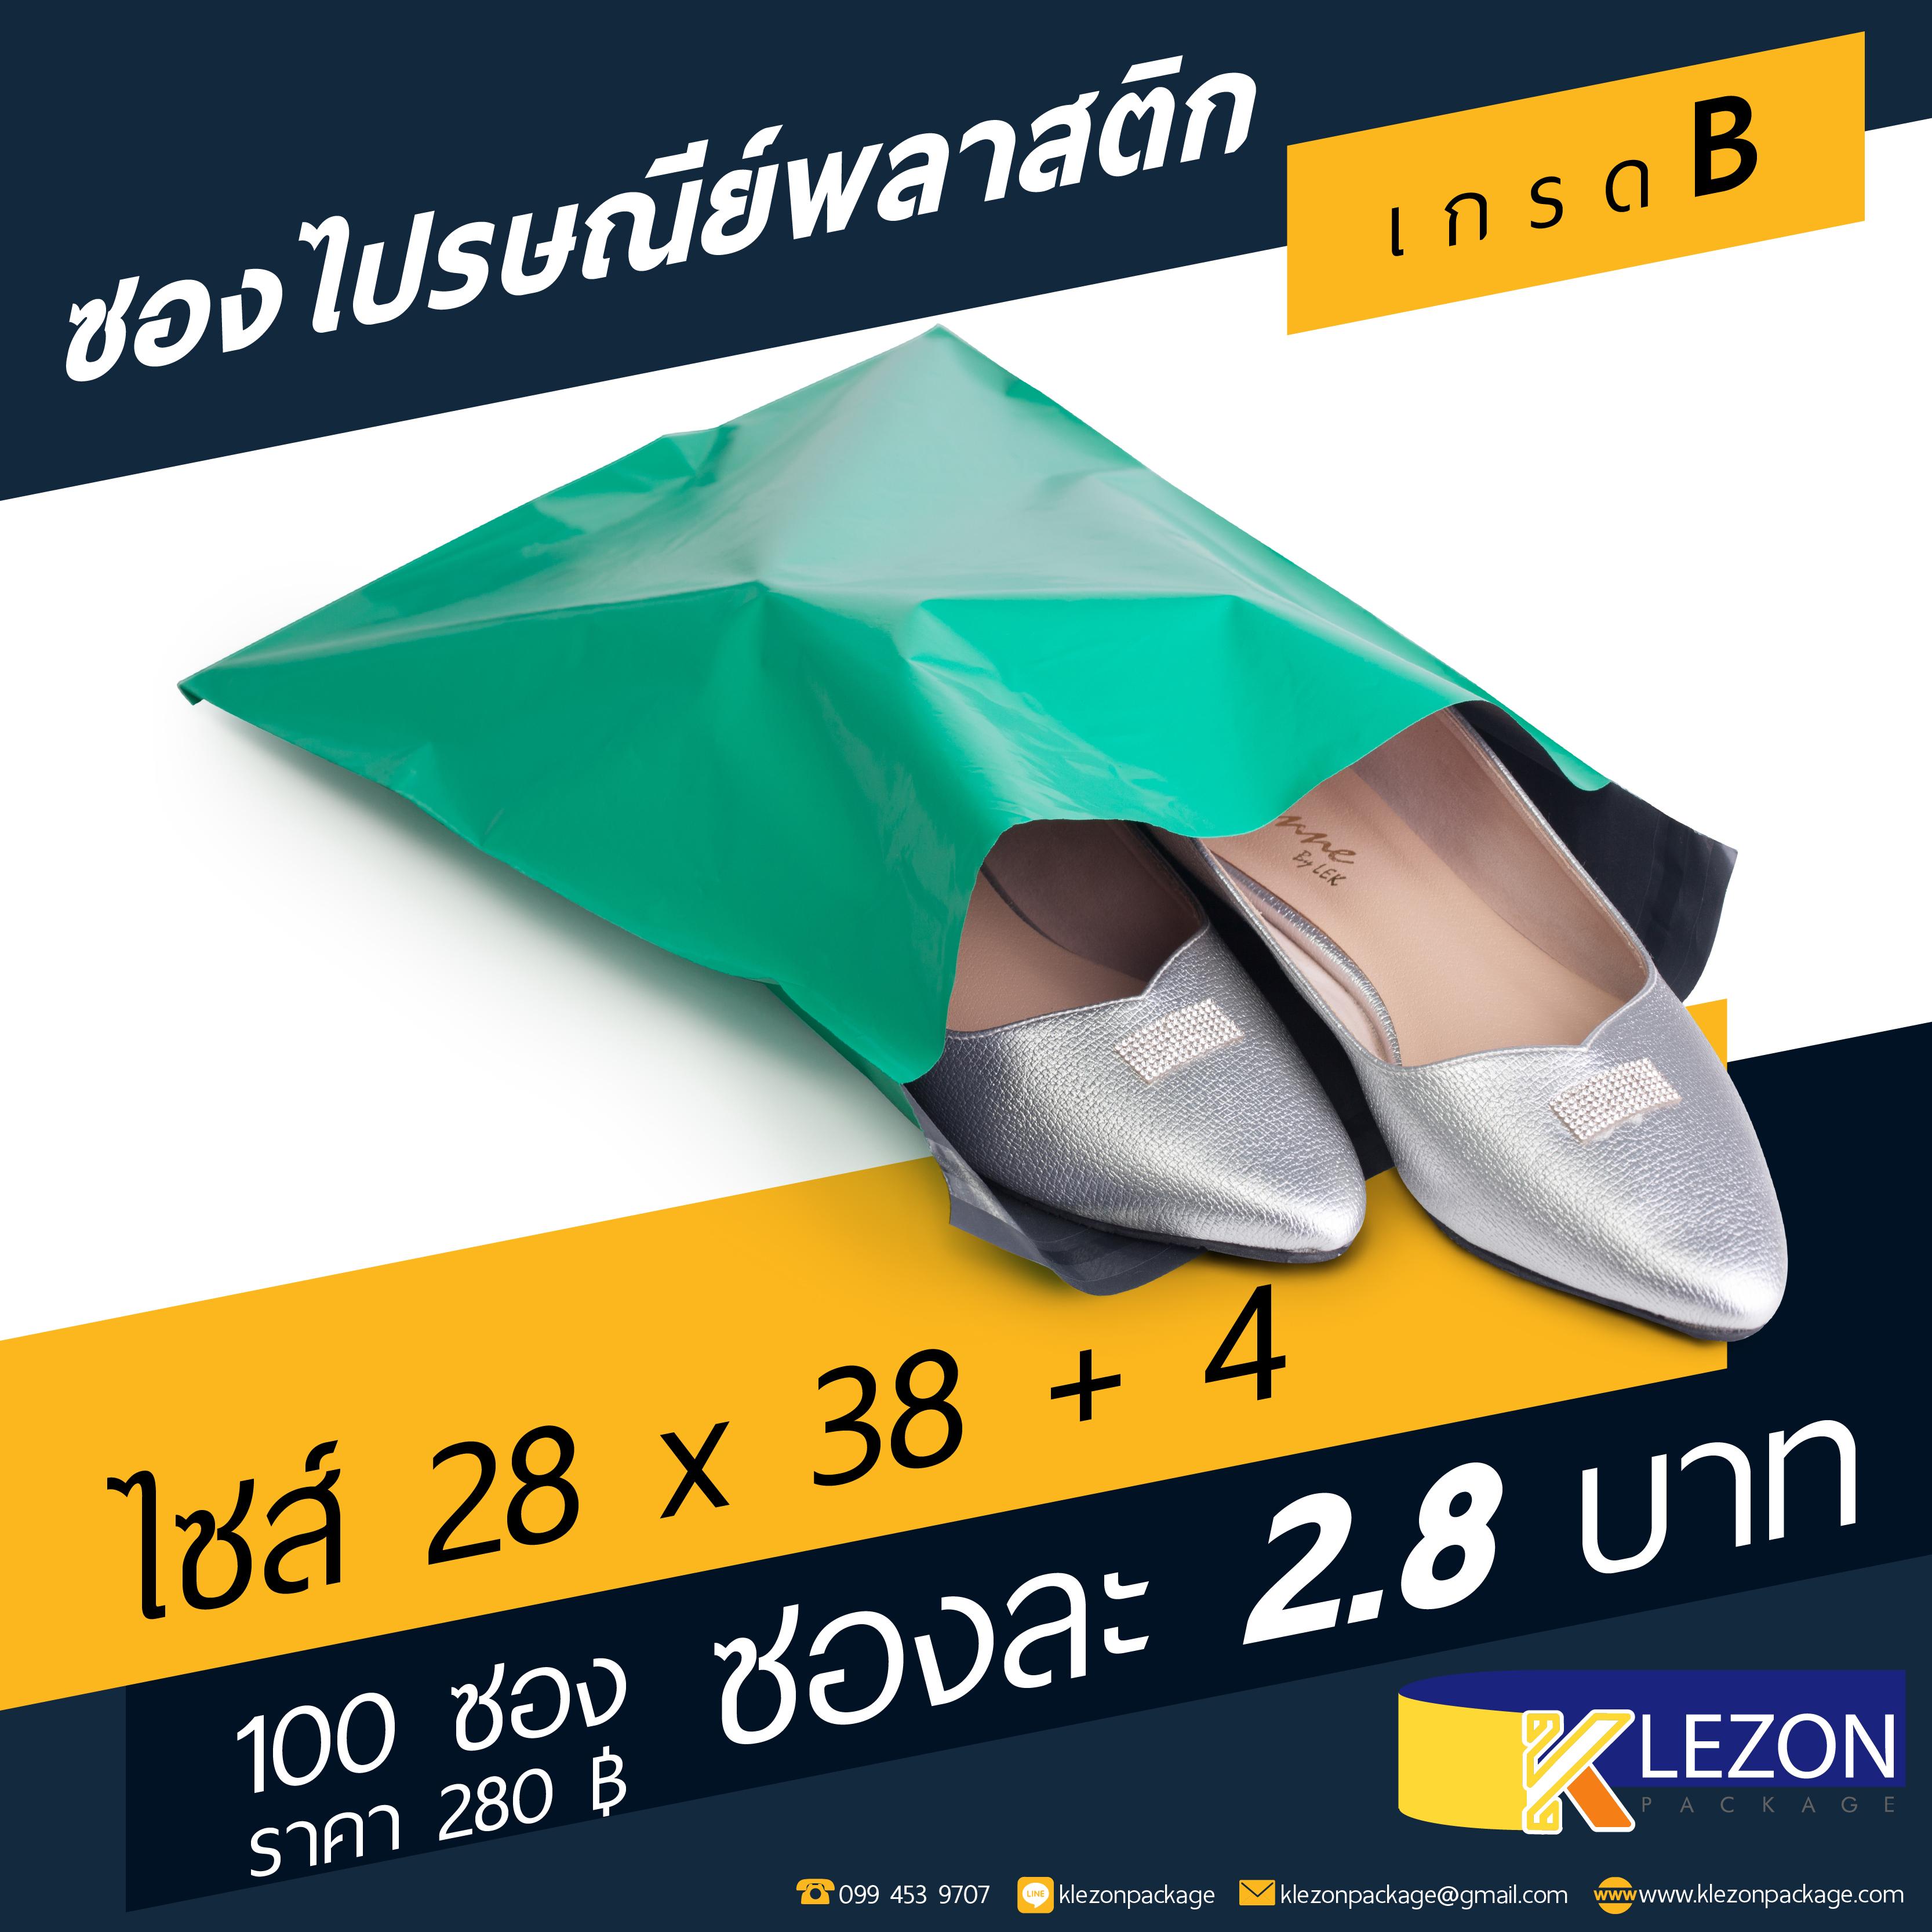 (100ซอง) ซองไปรษณีย์พลาสติก ขนาด 28x38 cm+ แถบกาว 4 cm สีเขียว เกรด B